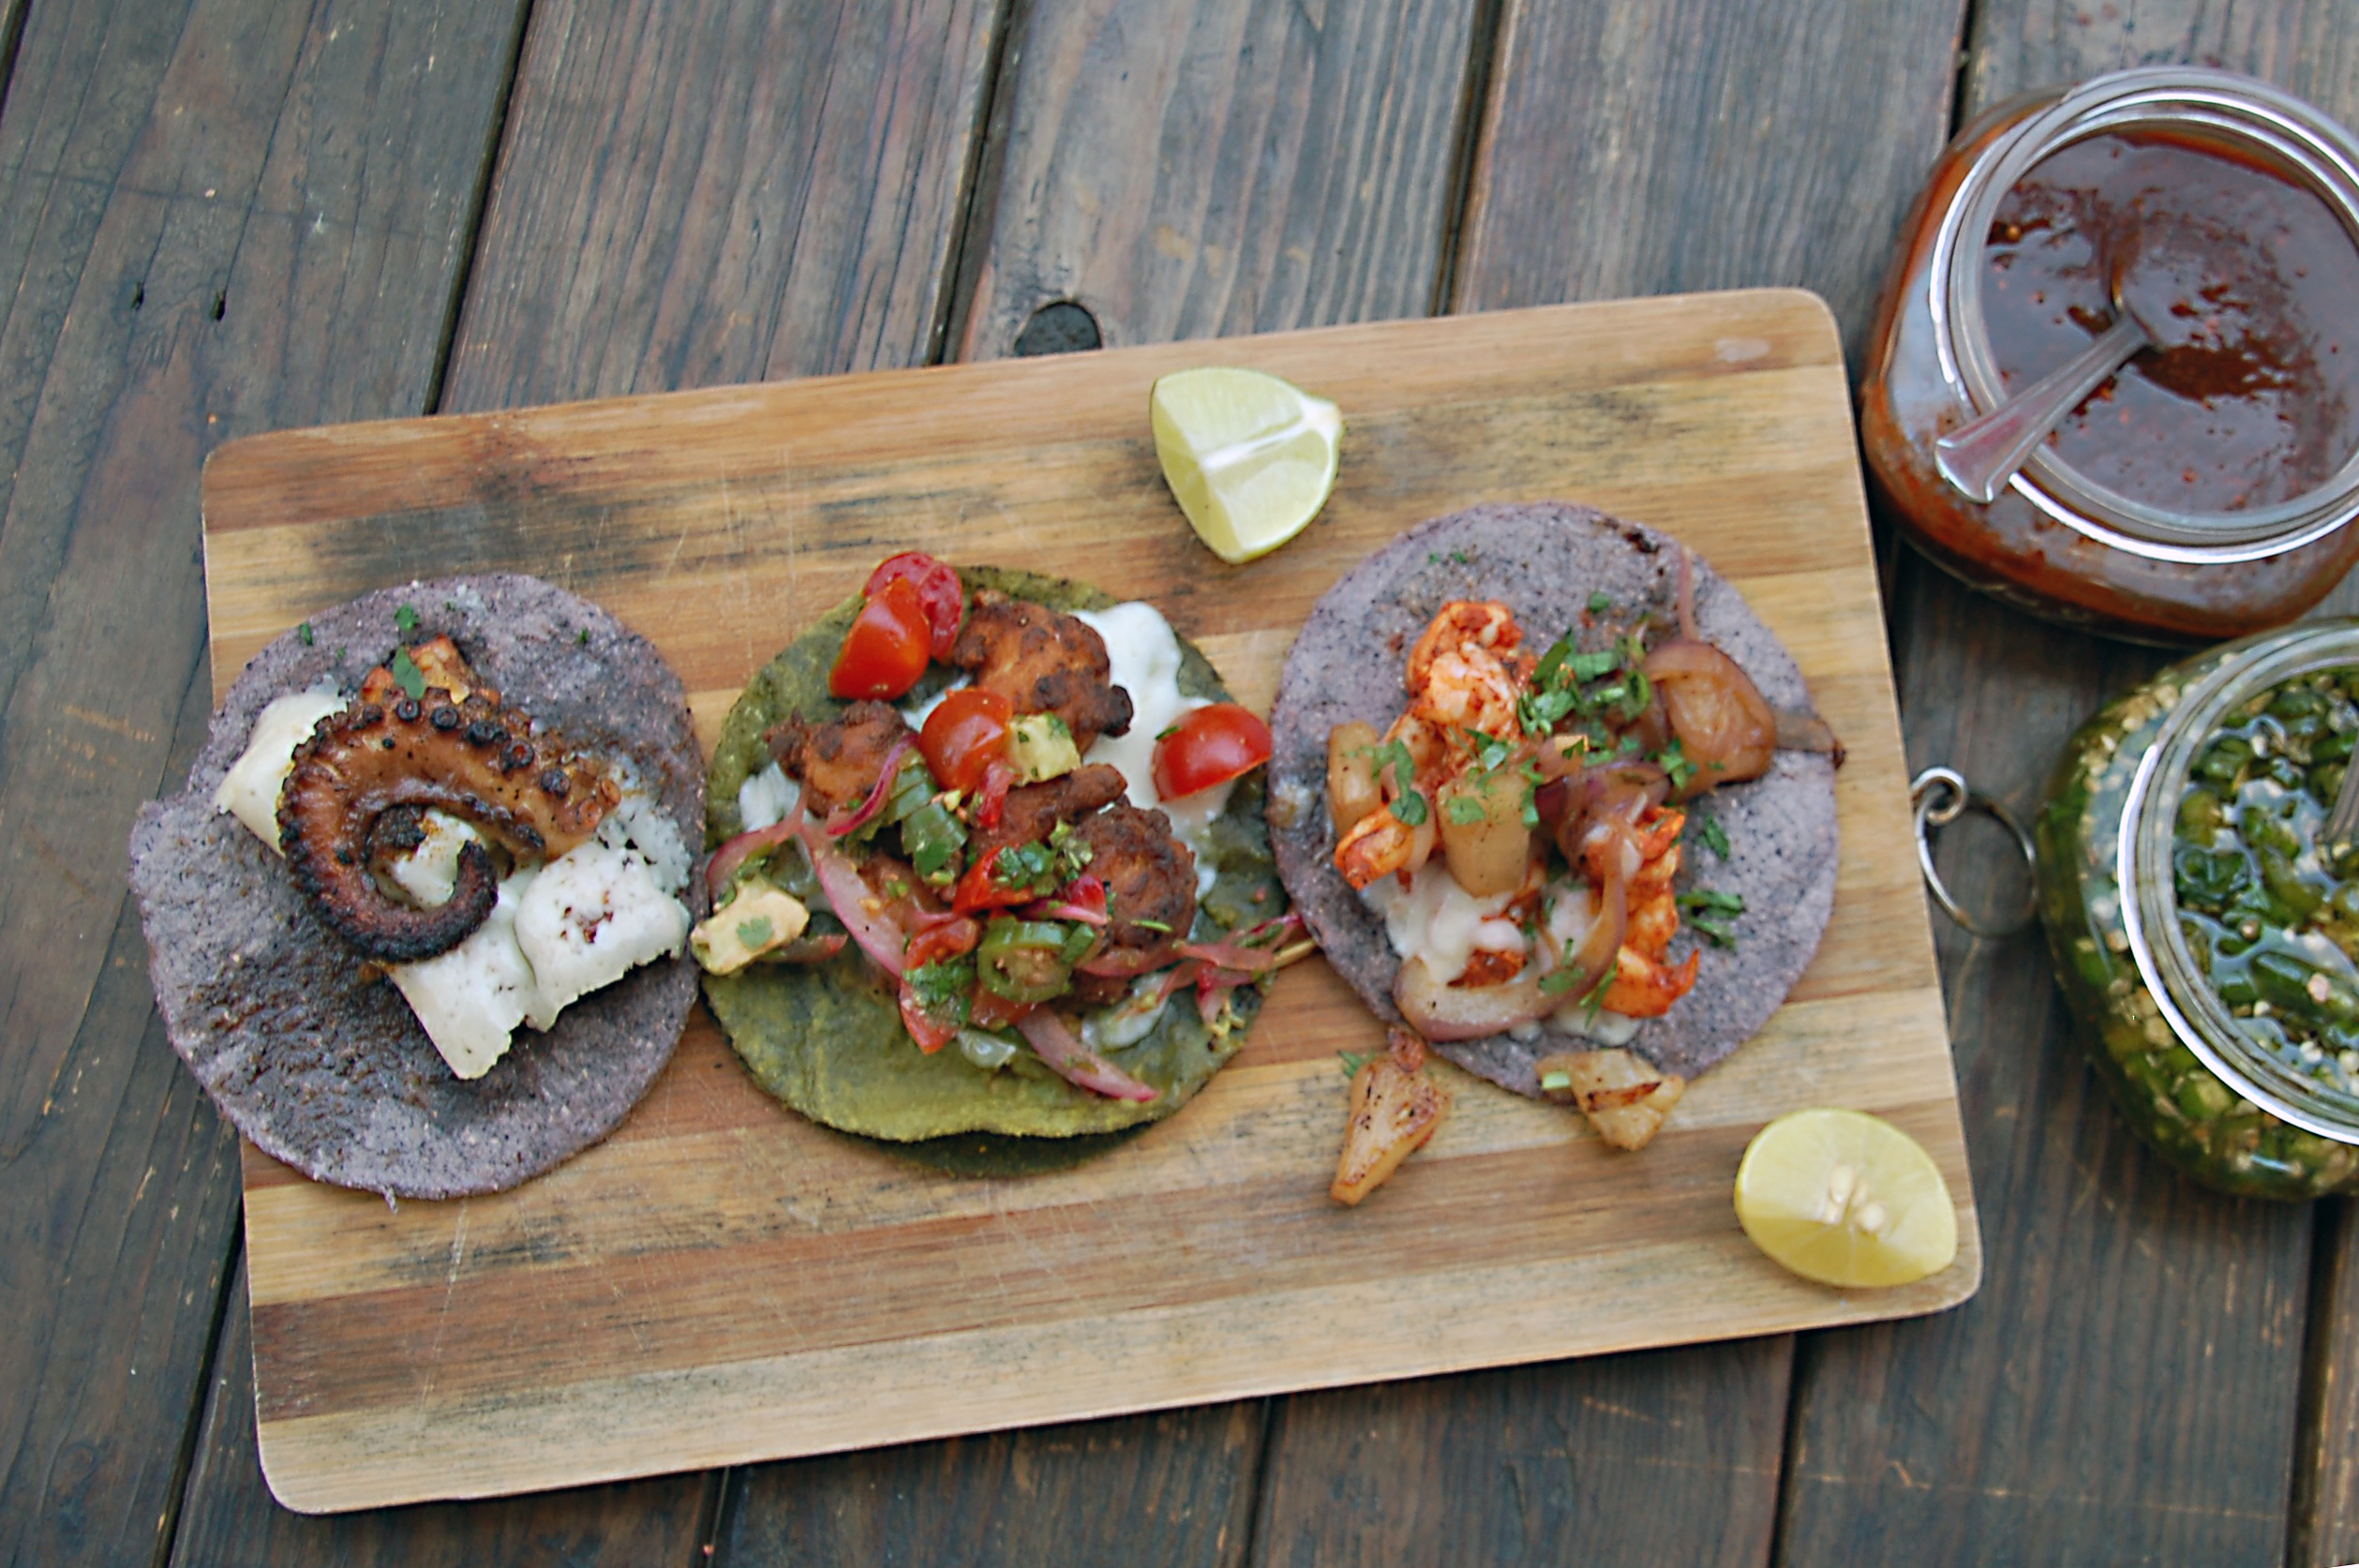 Tacos from La Carreta, Estacion 55, Tijuana, Baja California, Mexico